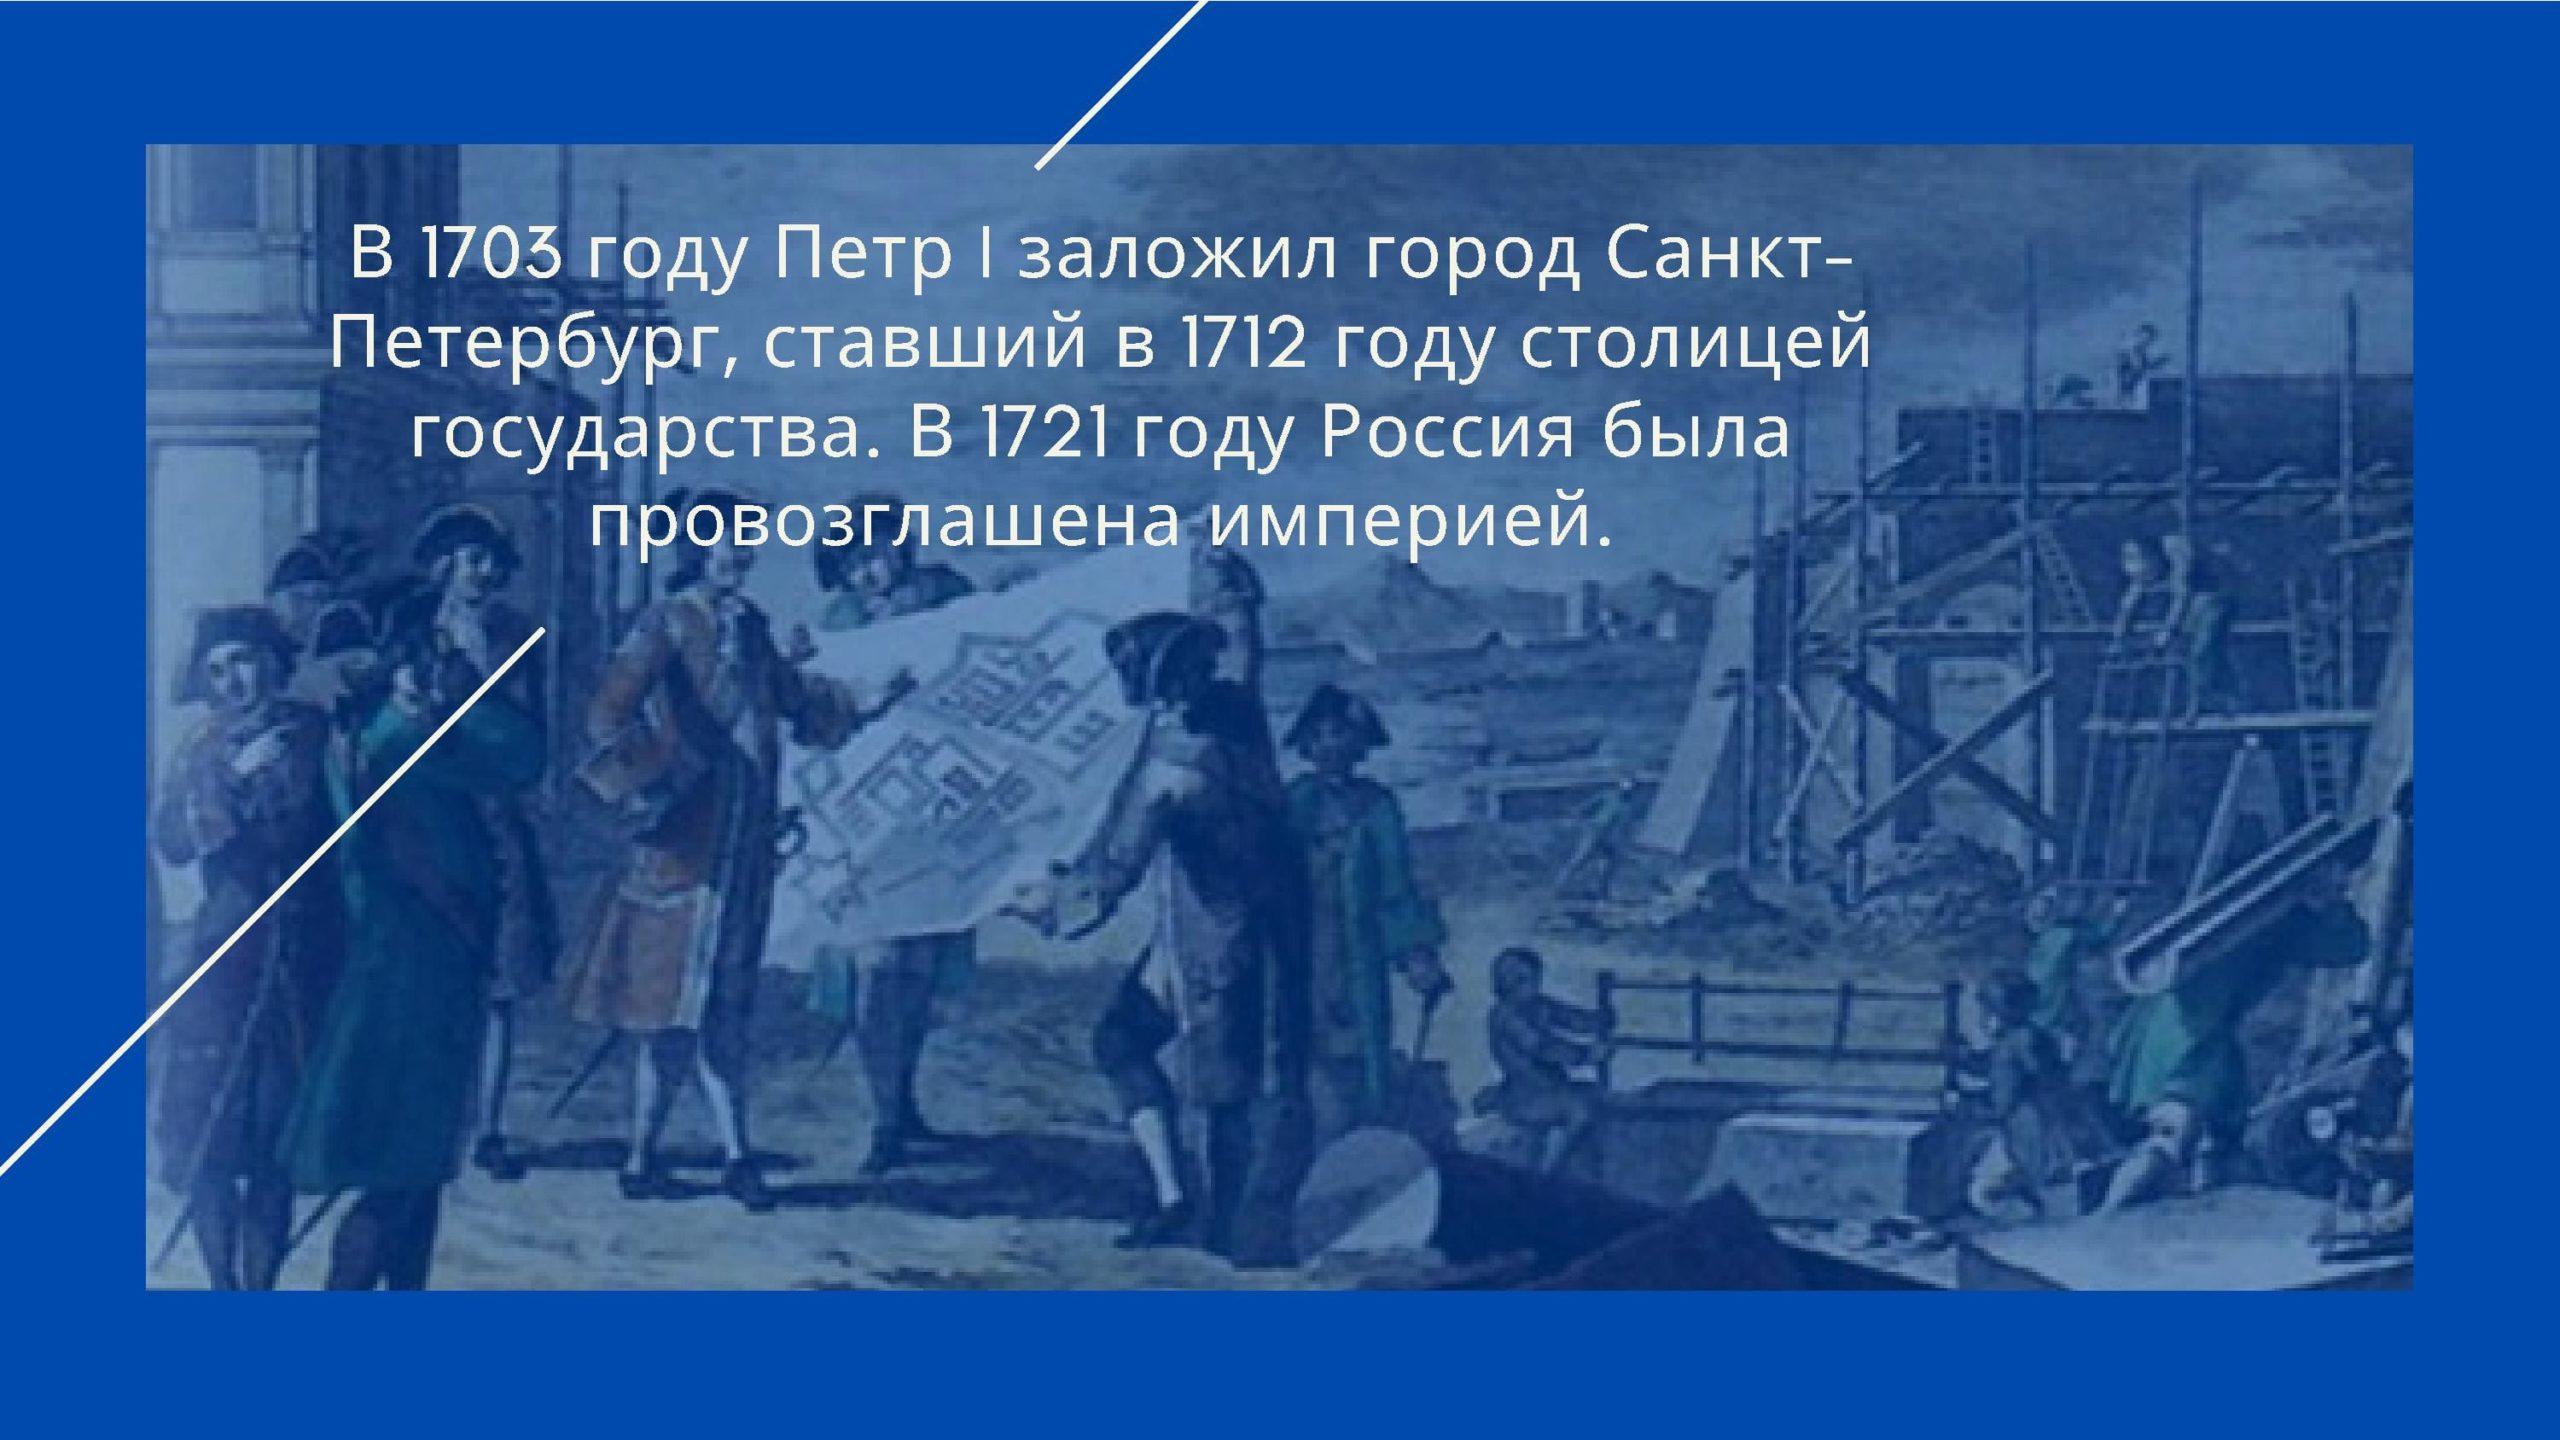 В 1703 году Пётр I заложил город Санкт-Петербург